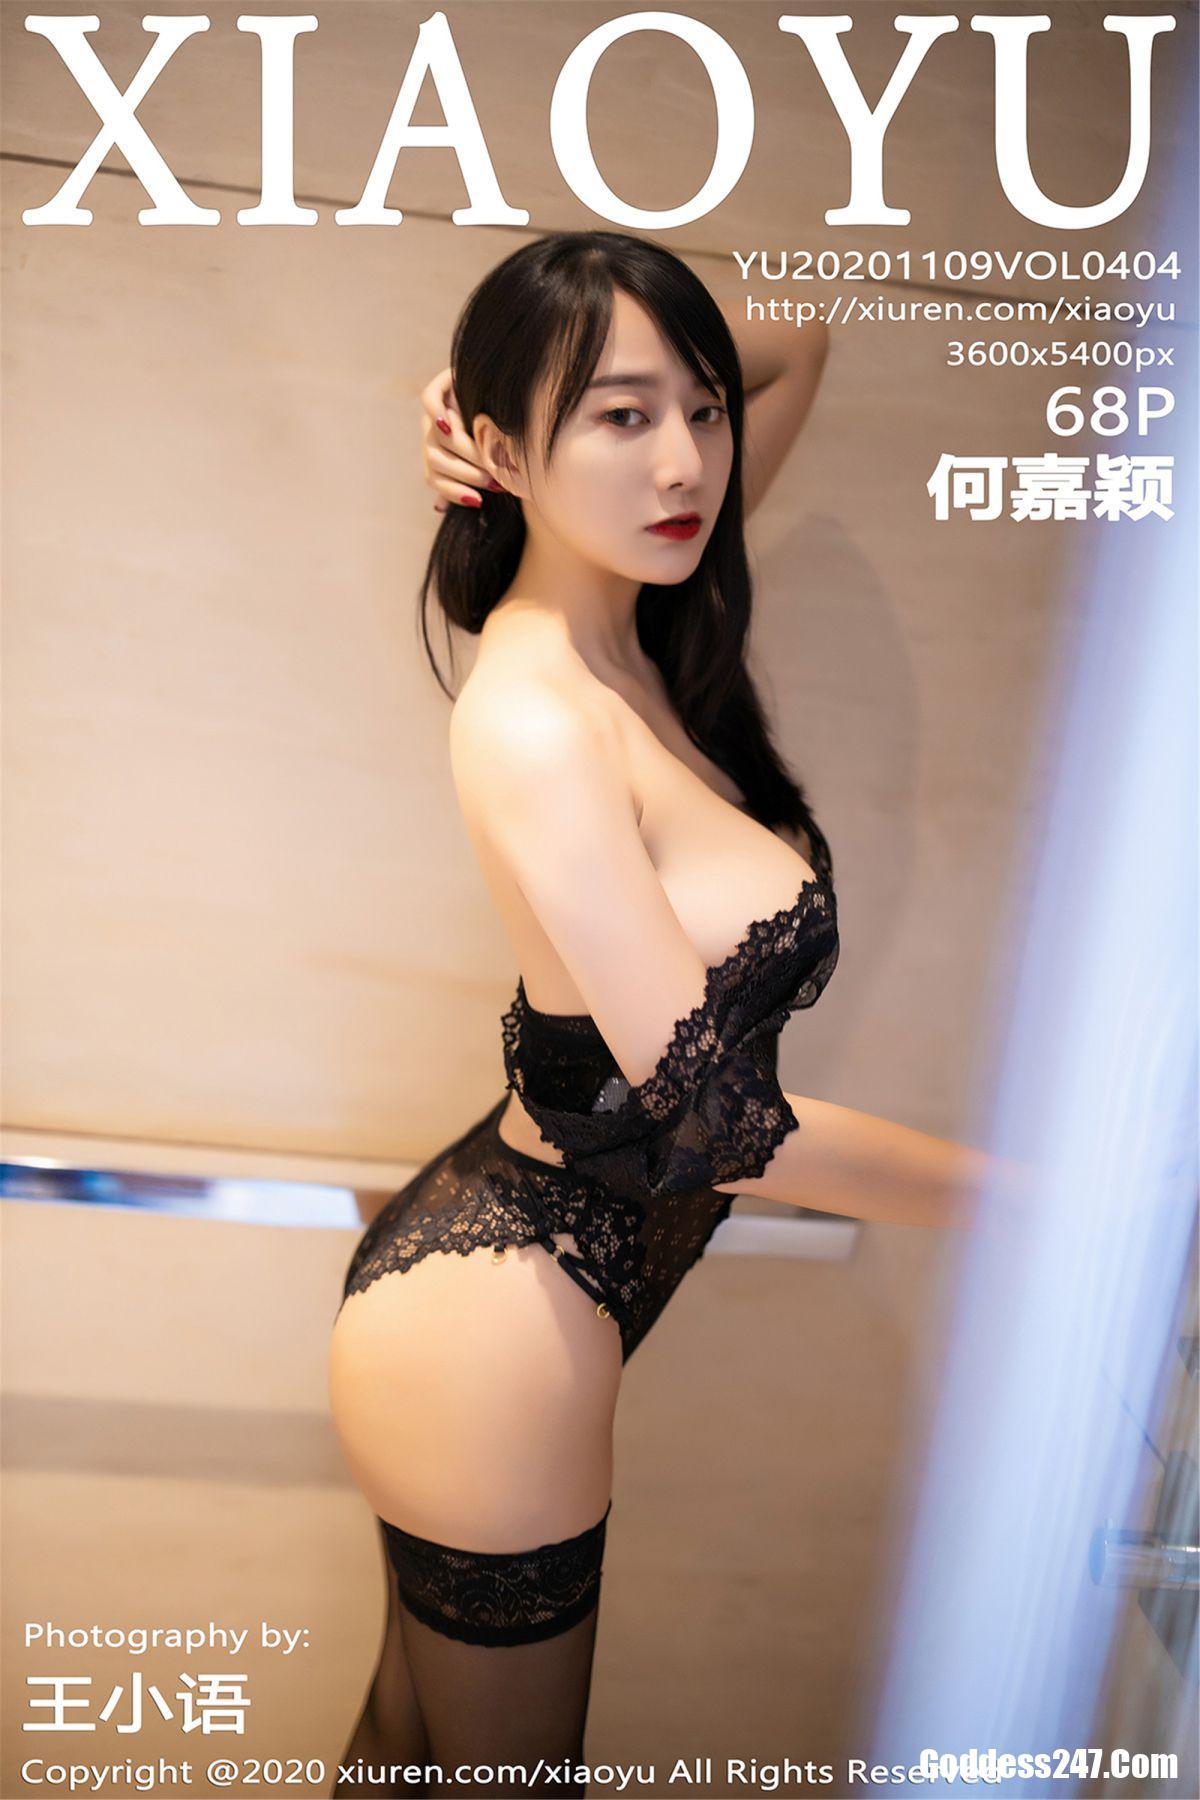 XiaoYu语画界 Vol.404 何嘉颖